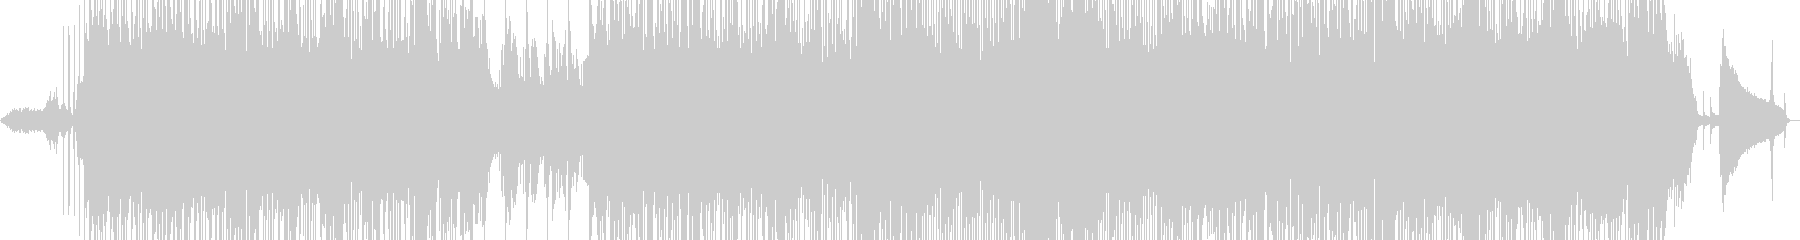 さわやかなサウンドのギターポップスの未再生の波形